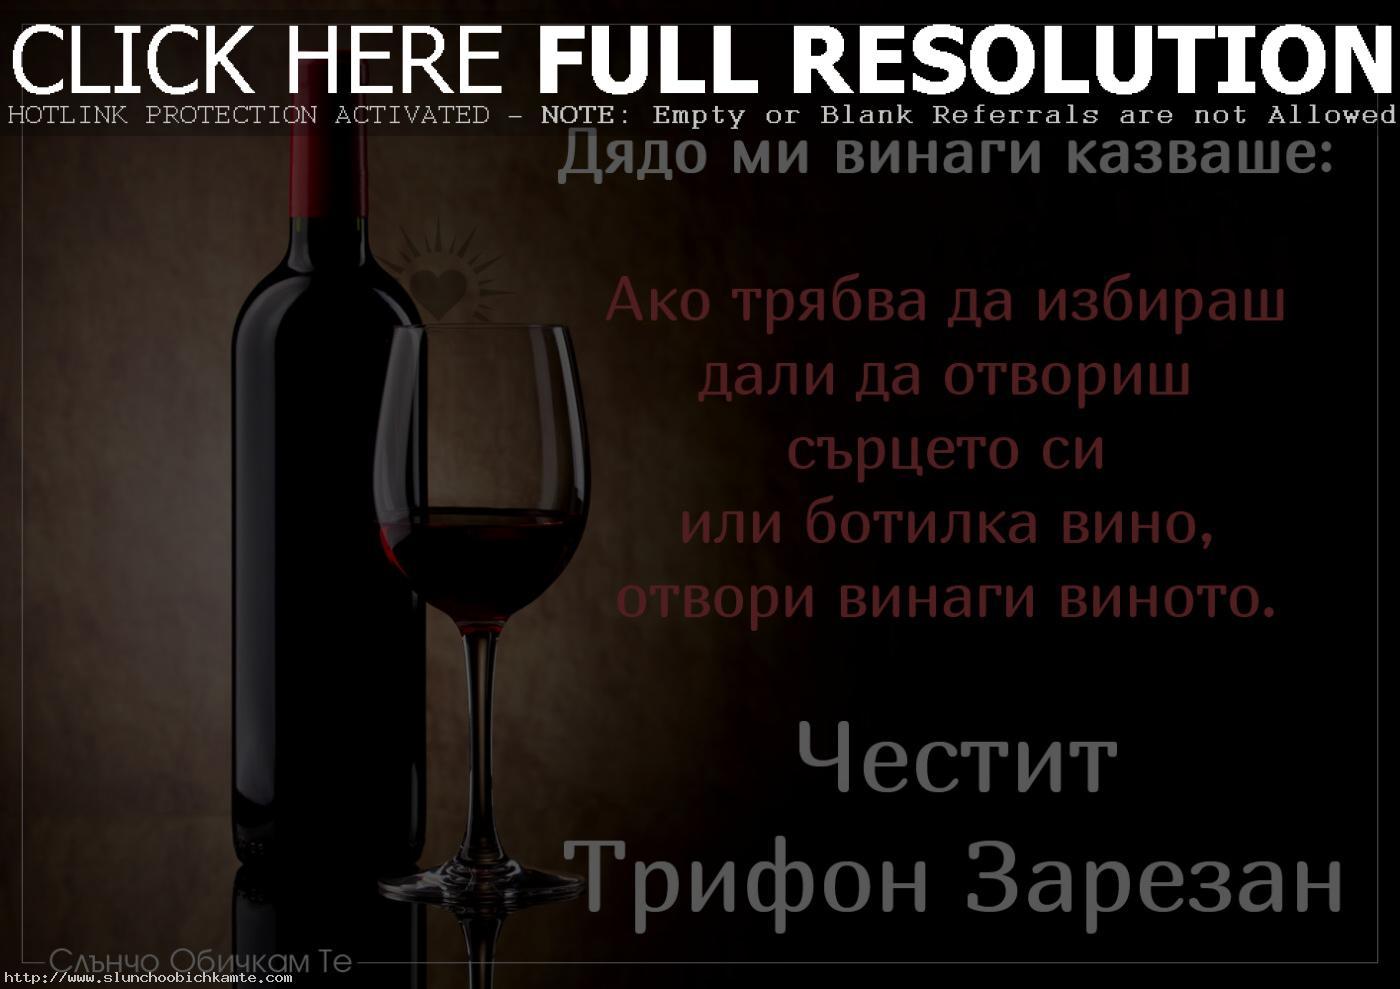 Честит Трифон Зарезан празник на виното - пожелания за Трифон зарезан, 14 февруари, вино и любов